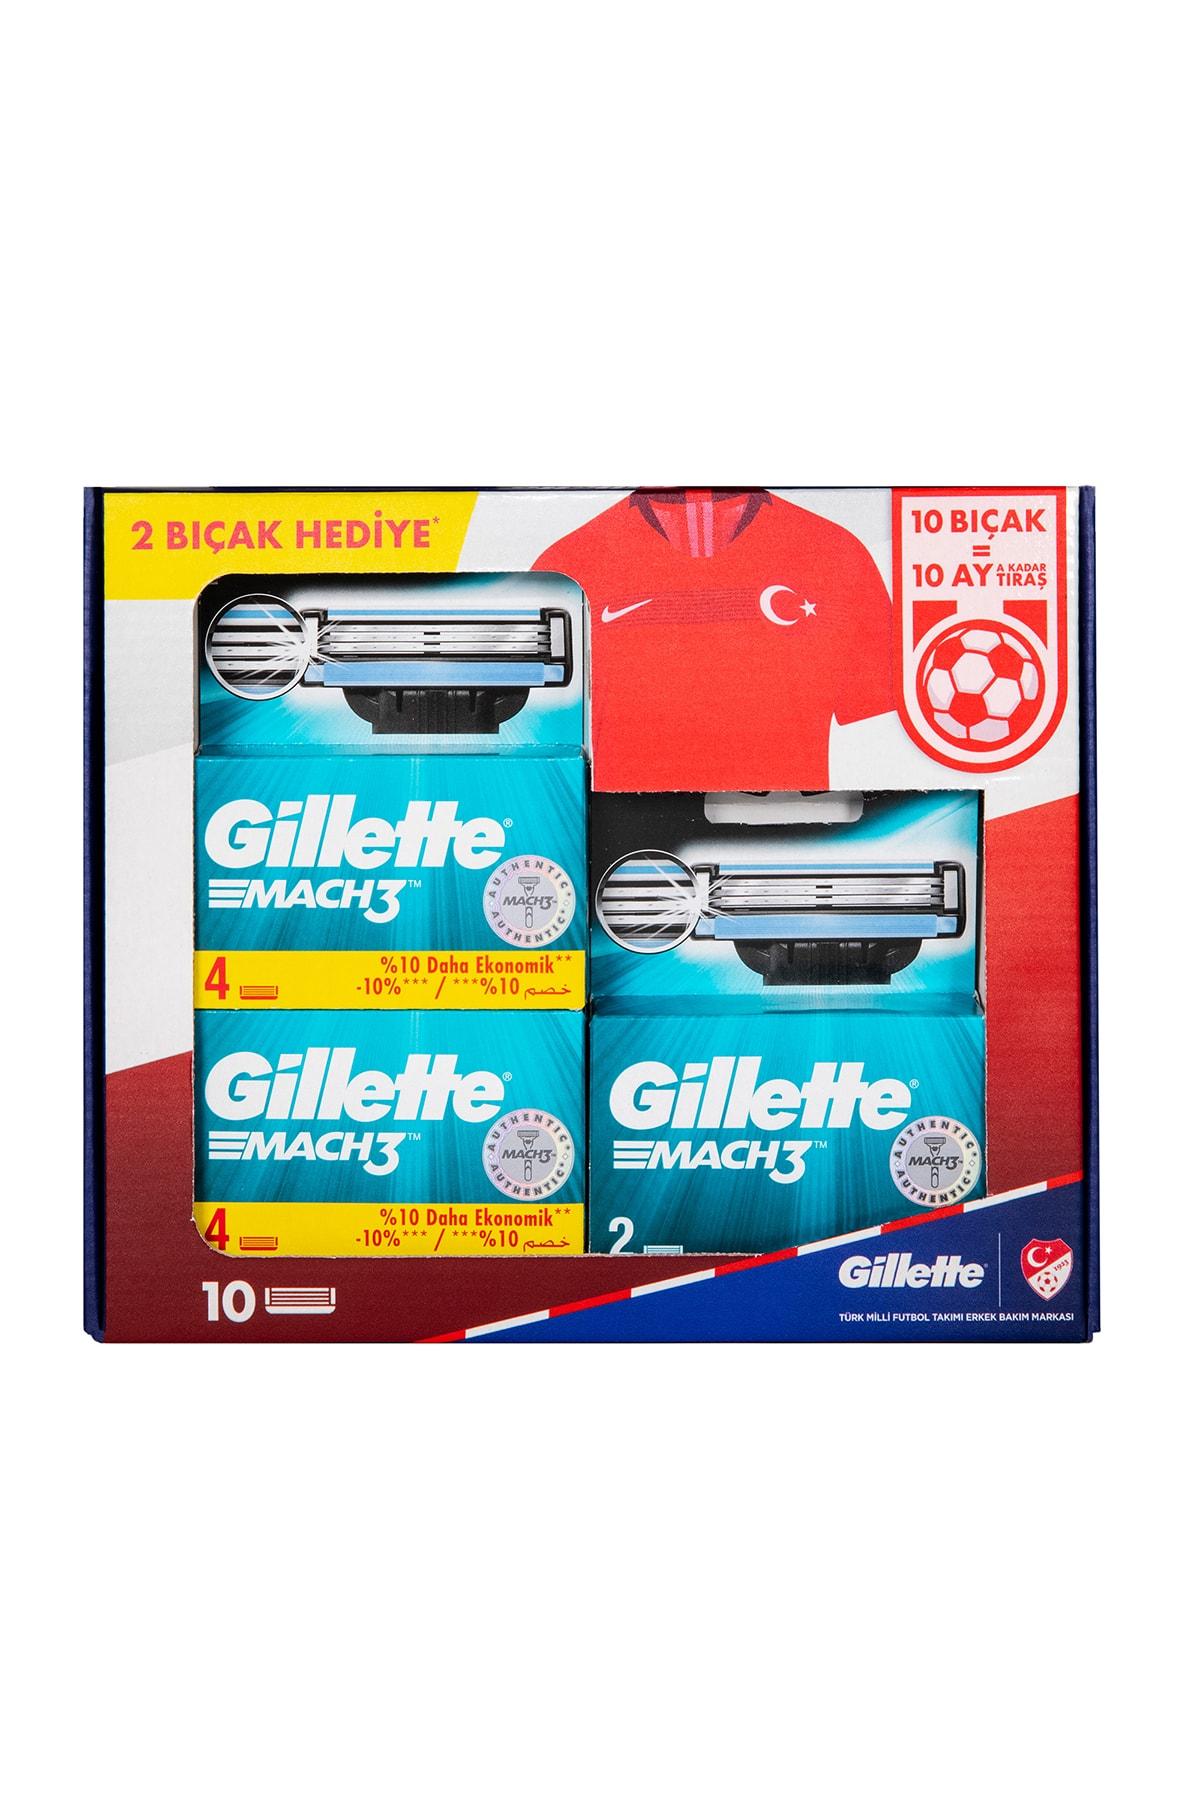 Gillette Mach3 Yedek Tıraş Bıçağı - 10'lu 2